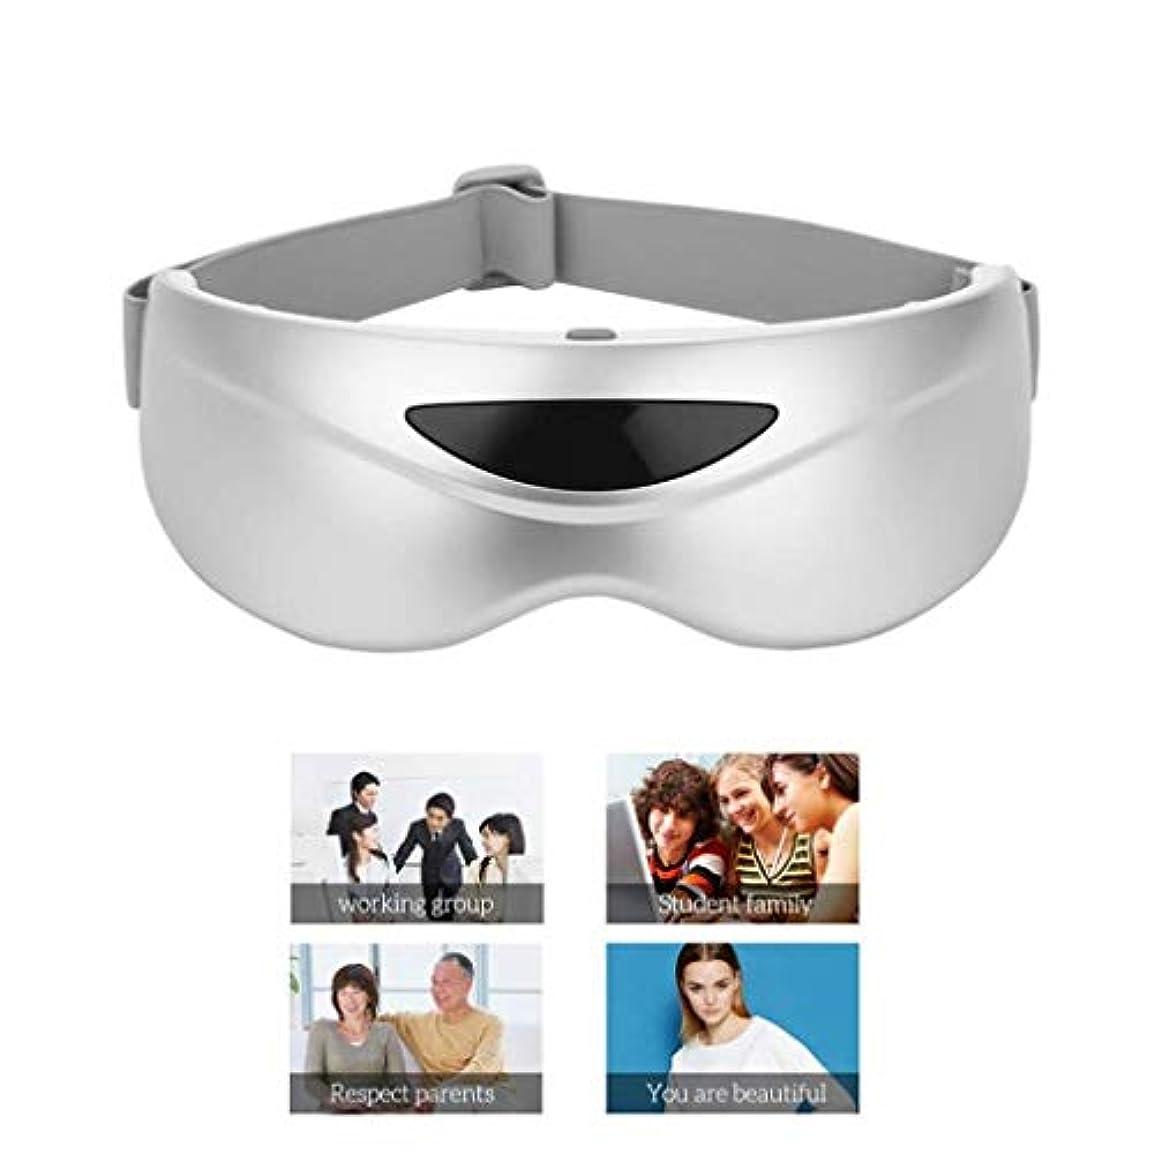 磁気メガロポリス彼女のワイヤレスアイマッサージャー、振動赤外線センサー24シリコーンマッサージヘッドアイマッサージャーマスク磁気抗疲労ビジョン保護マッサージメガネ